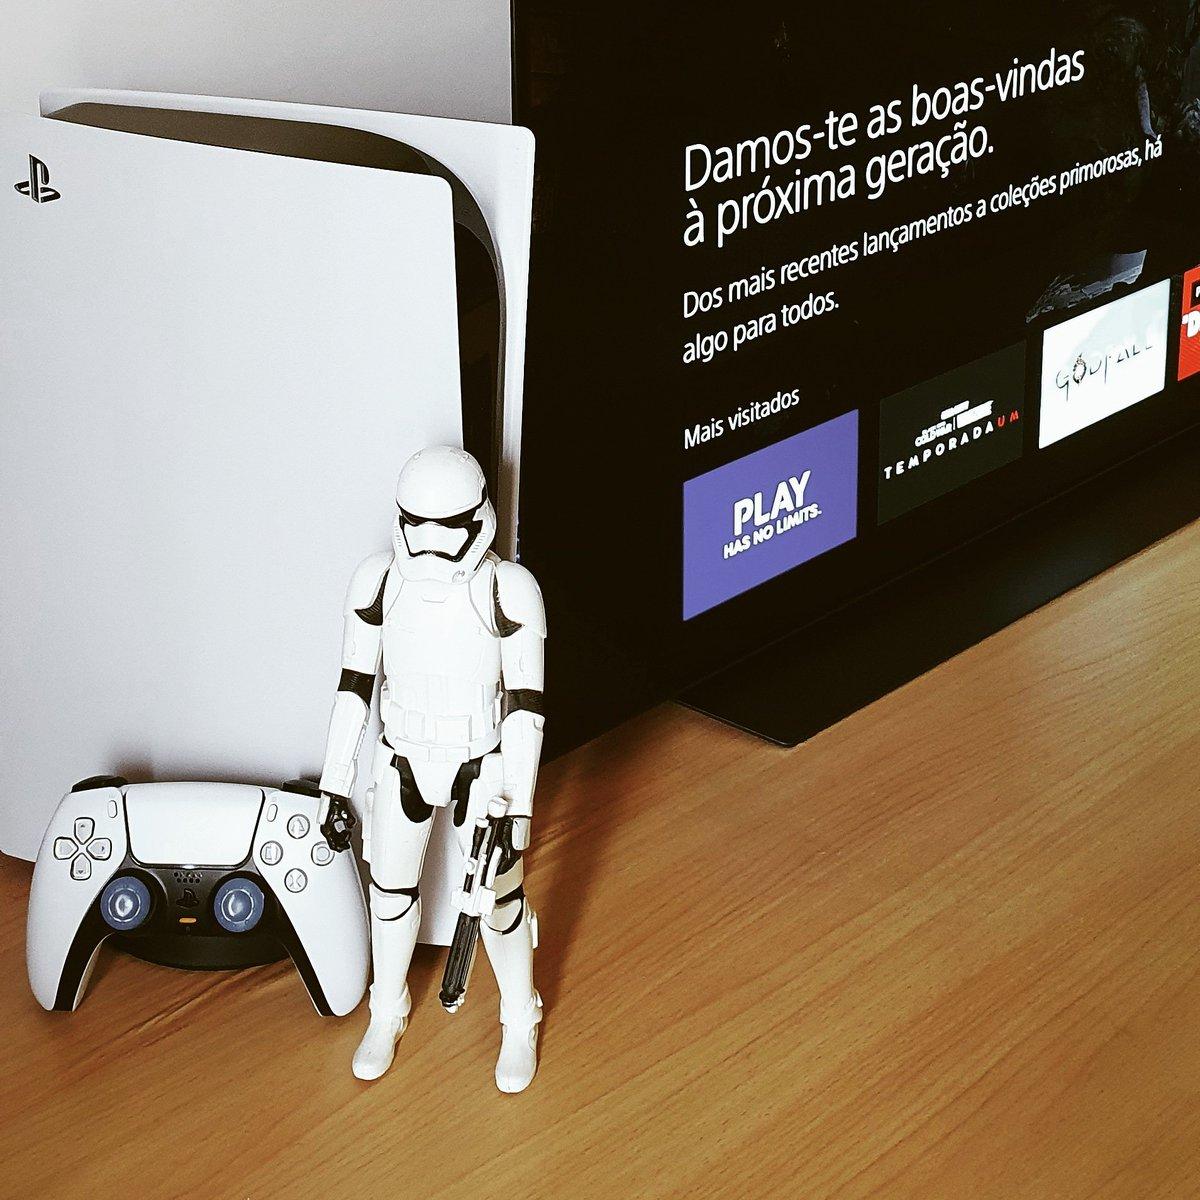 PS5 a.k.a STORMTROOPER #PS5 #StarWars #Mandalorian #lgoledtv